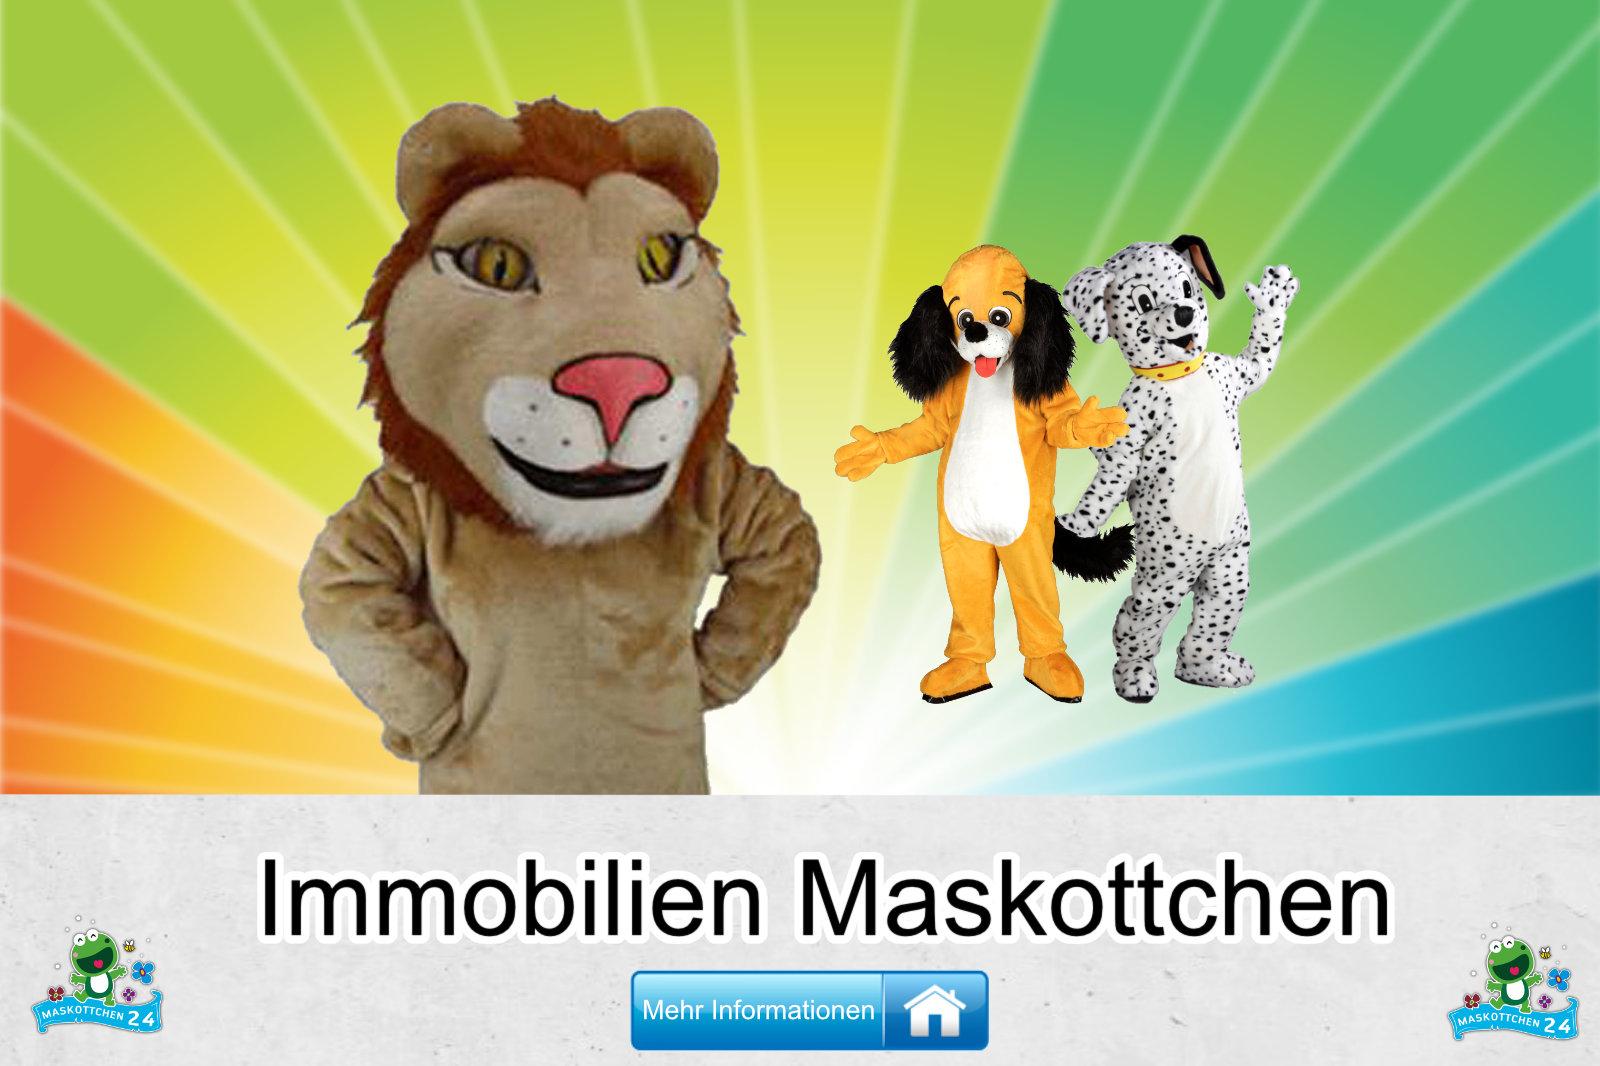 Immobilien Kostüme Maskottchen Herstellung Firma günstig kaufen